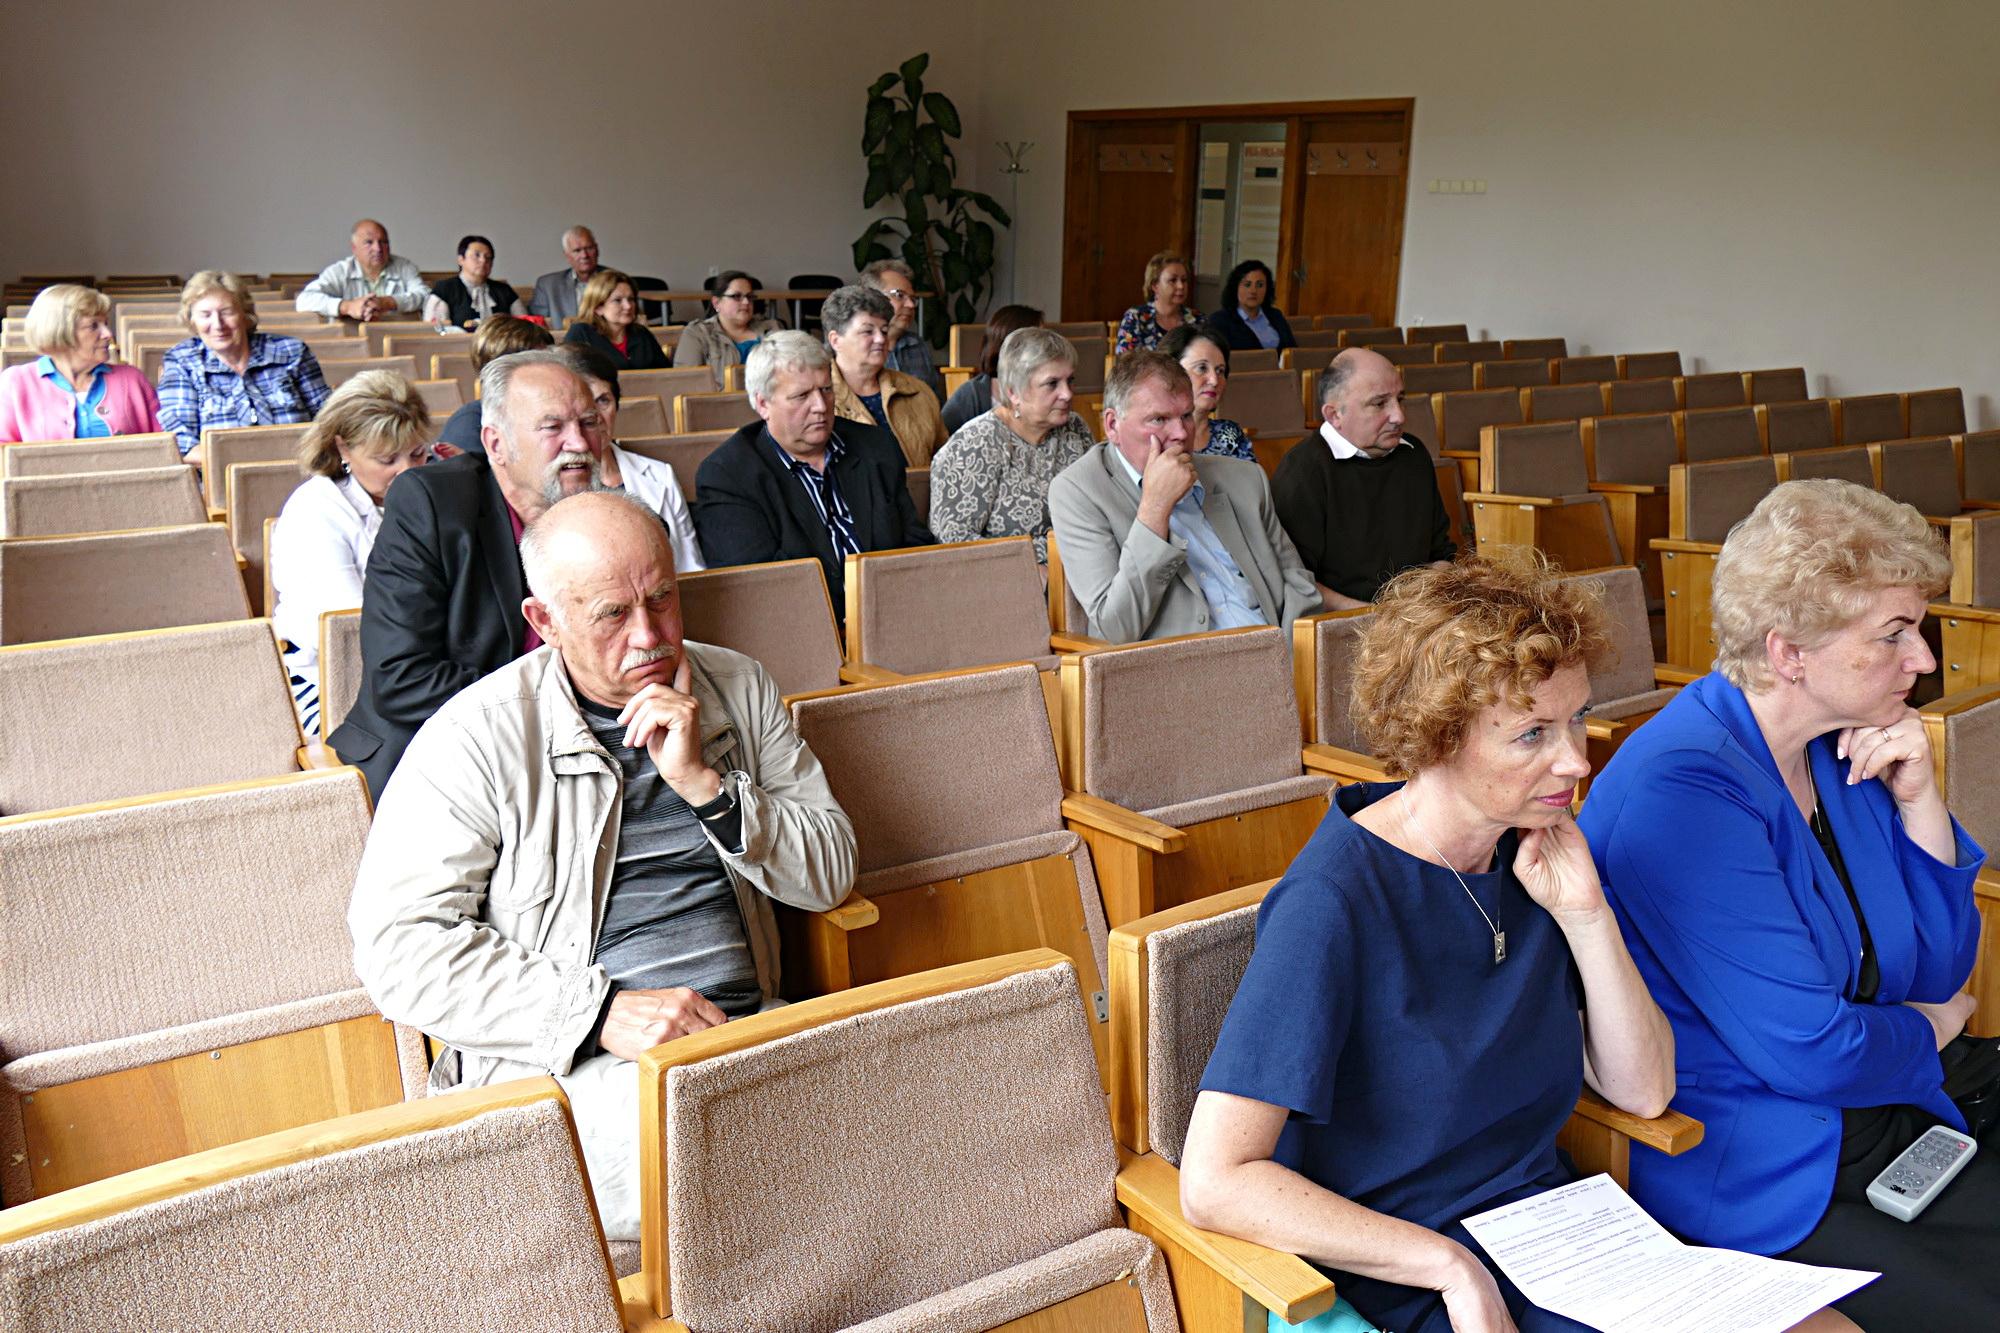 Pasiklausyti mokslininkų pranešimų Šilutės seniūnijoje susirinko būrelis įvairių sričių specialistų.